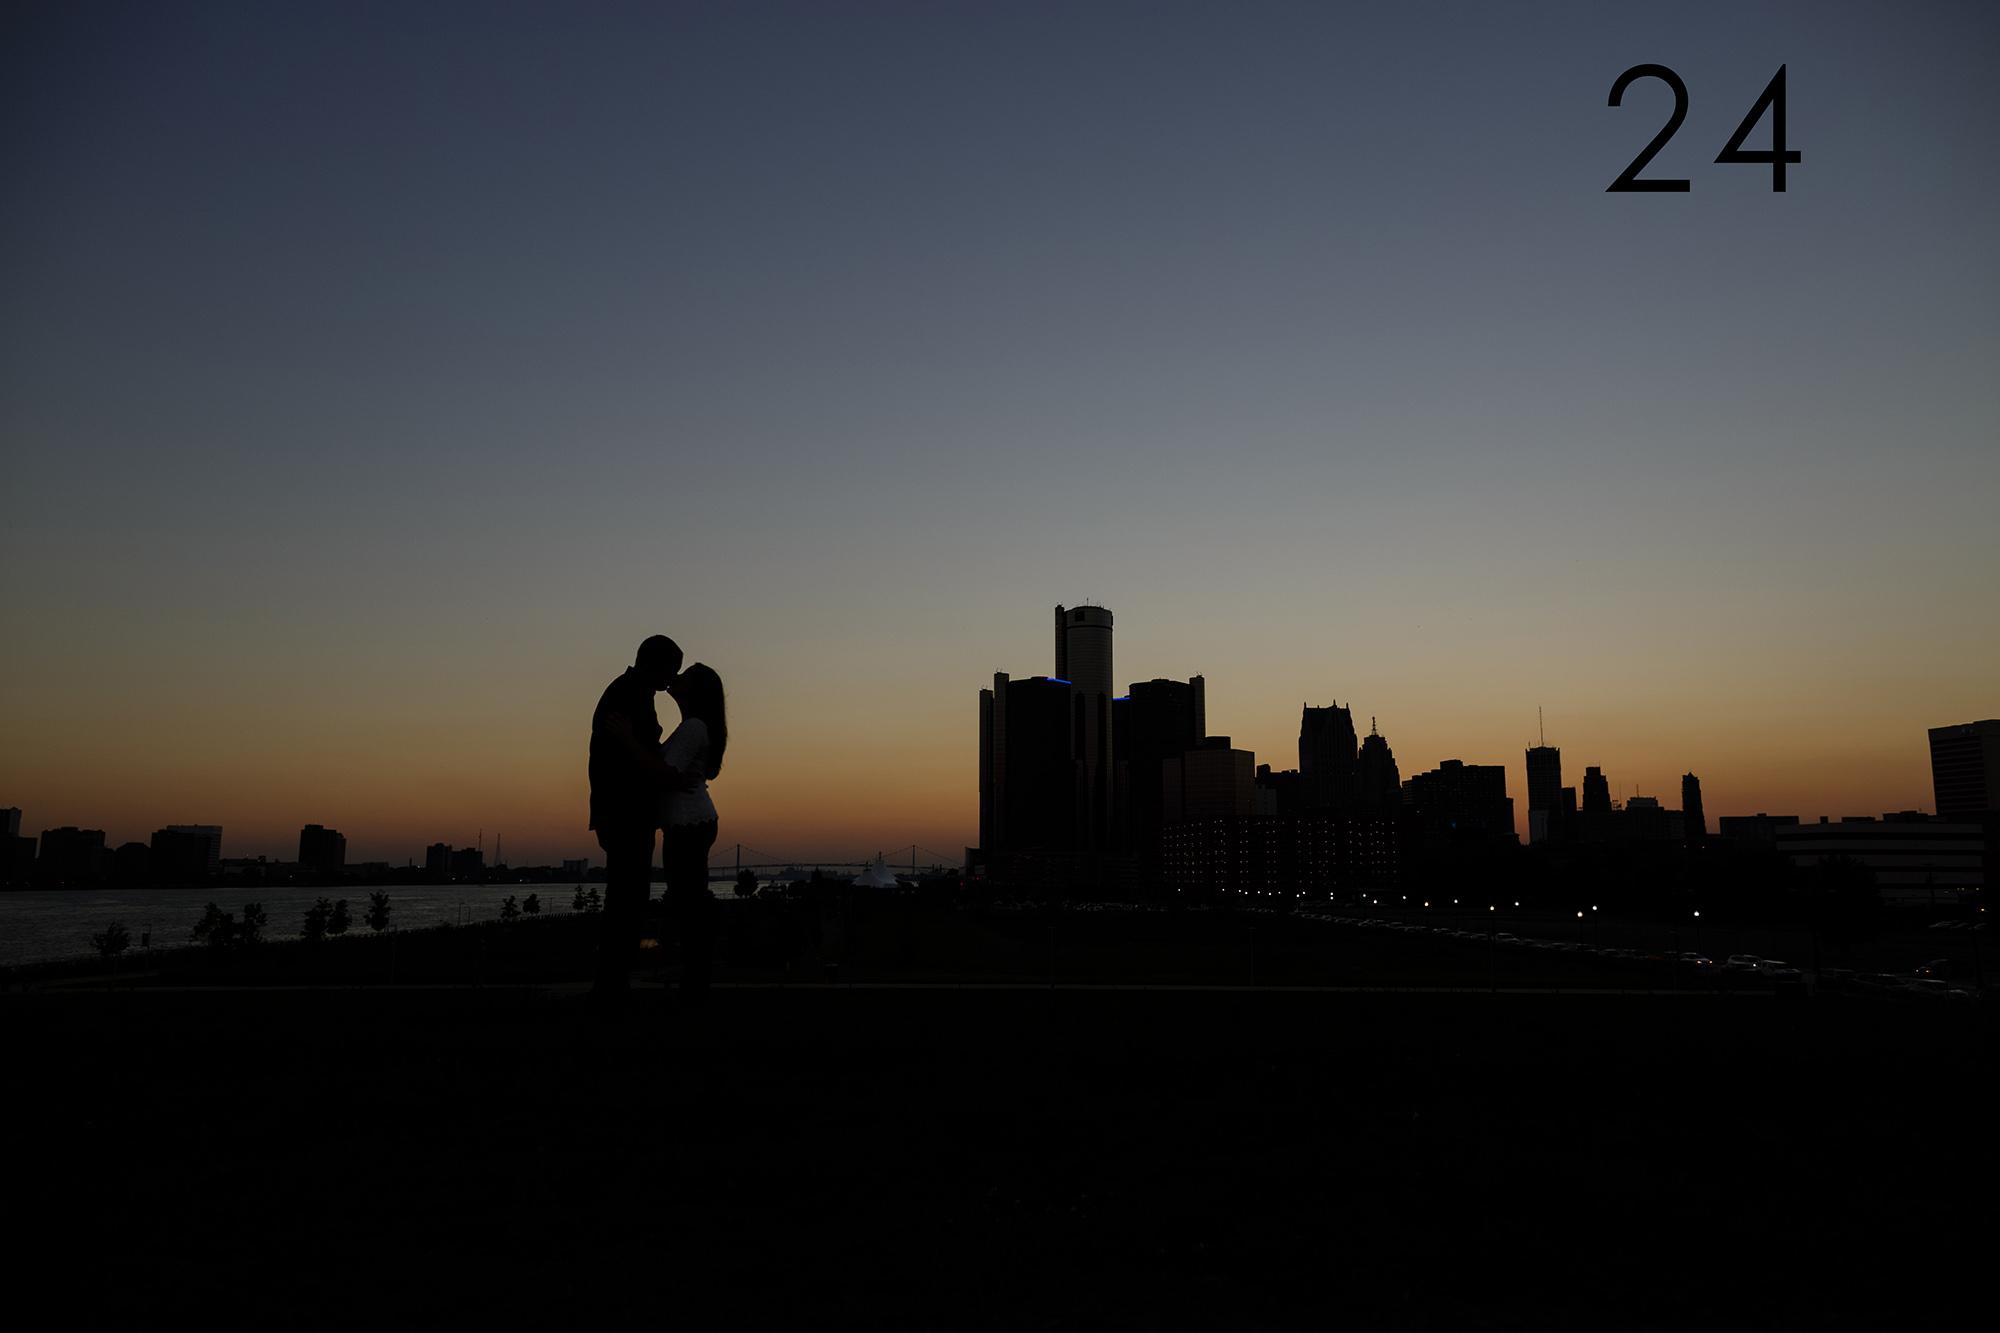 24_engagement_melanie_reyes_photographyw.jpg